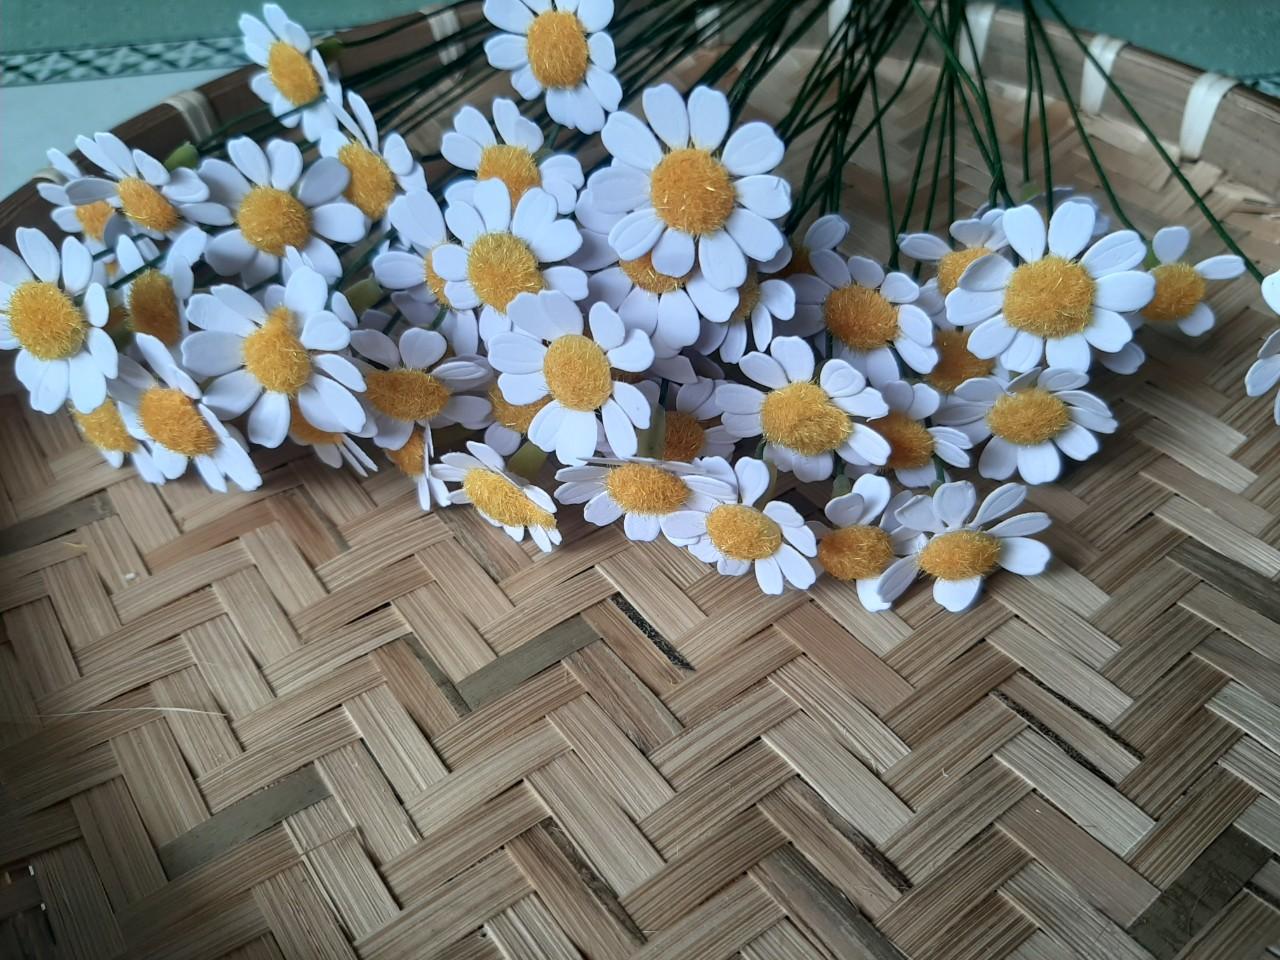 Set Nguyên Liệu Đầy Đủ làm 100 Bông Cúc Tana Có Kèm Lọ Thủy Tinh đã trang trí